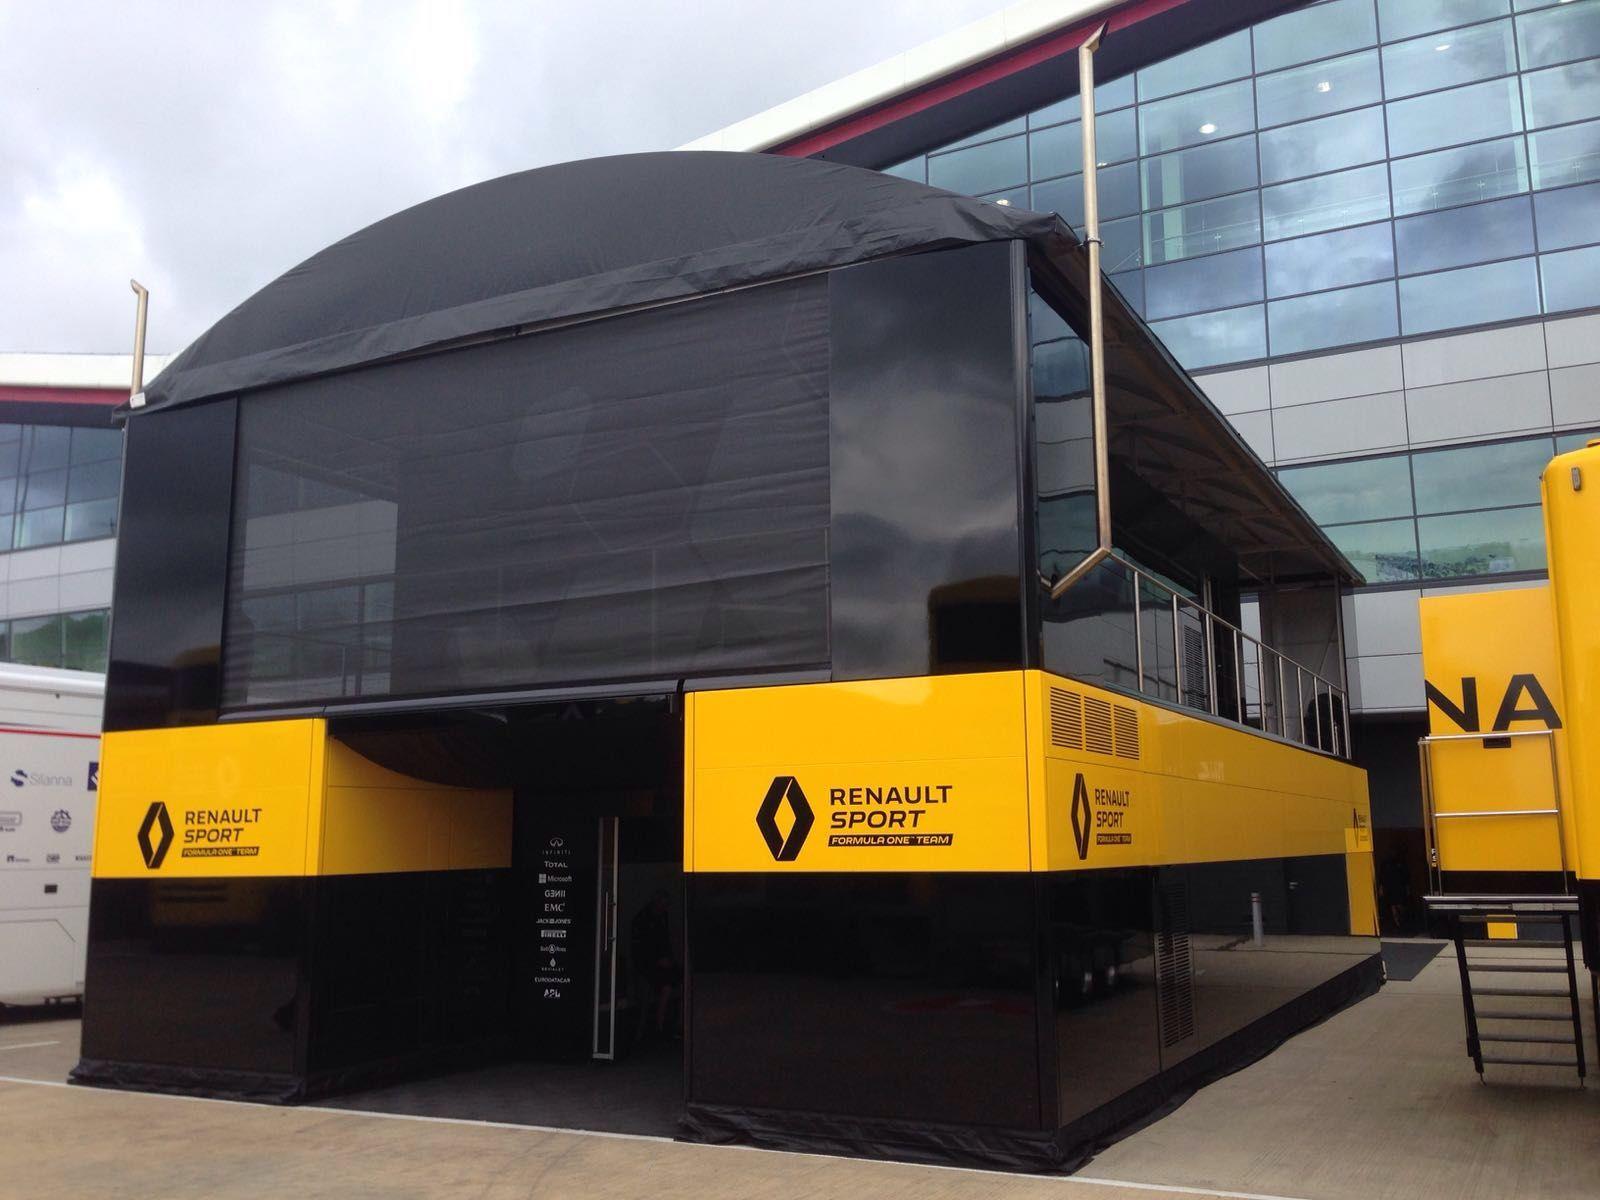 Il motorhome della Renault (foto da: schuler-trucks.com)